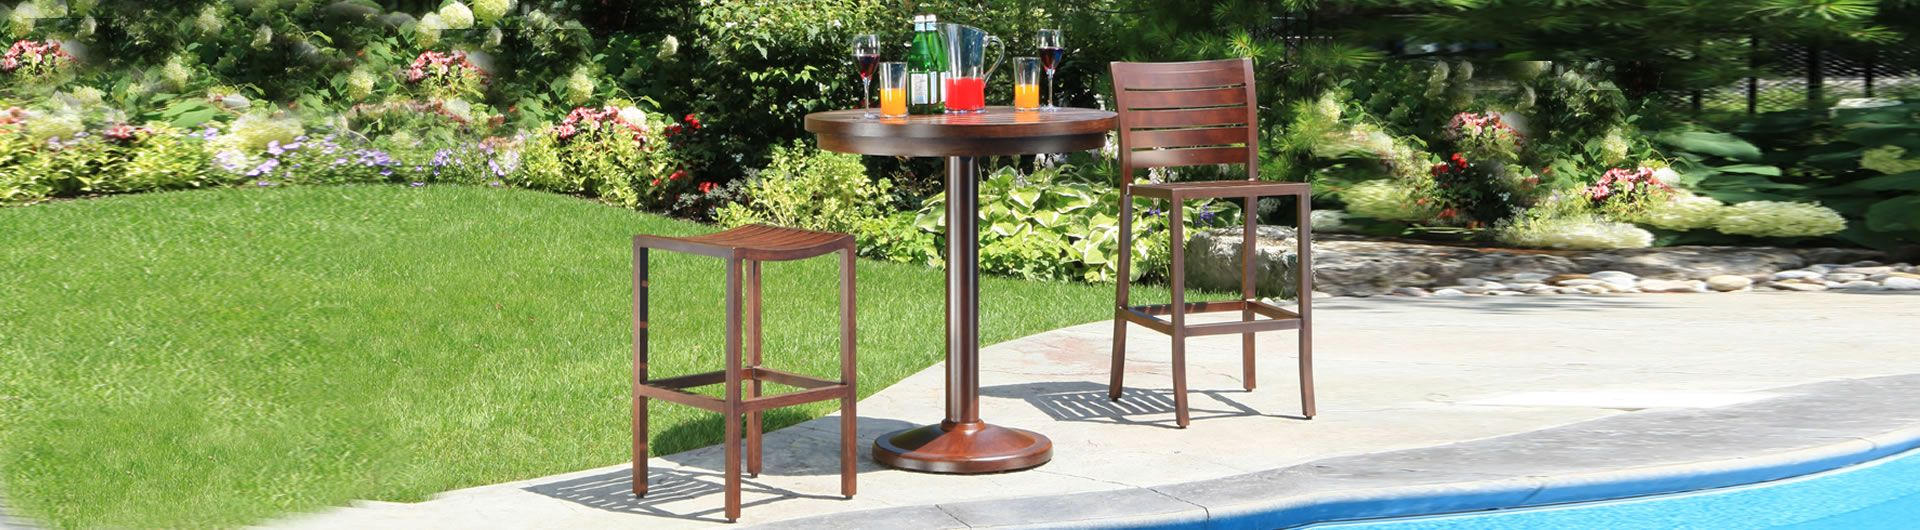 Bar Tables and Bar Stools